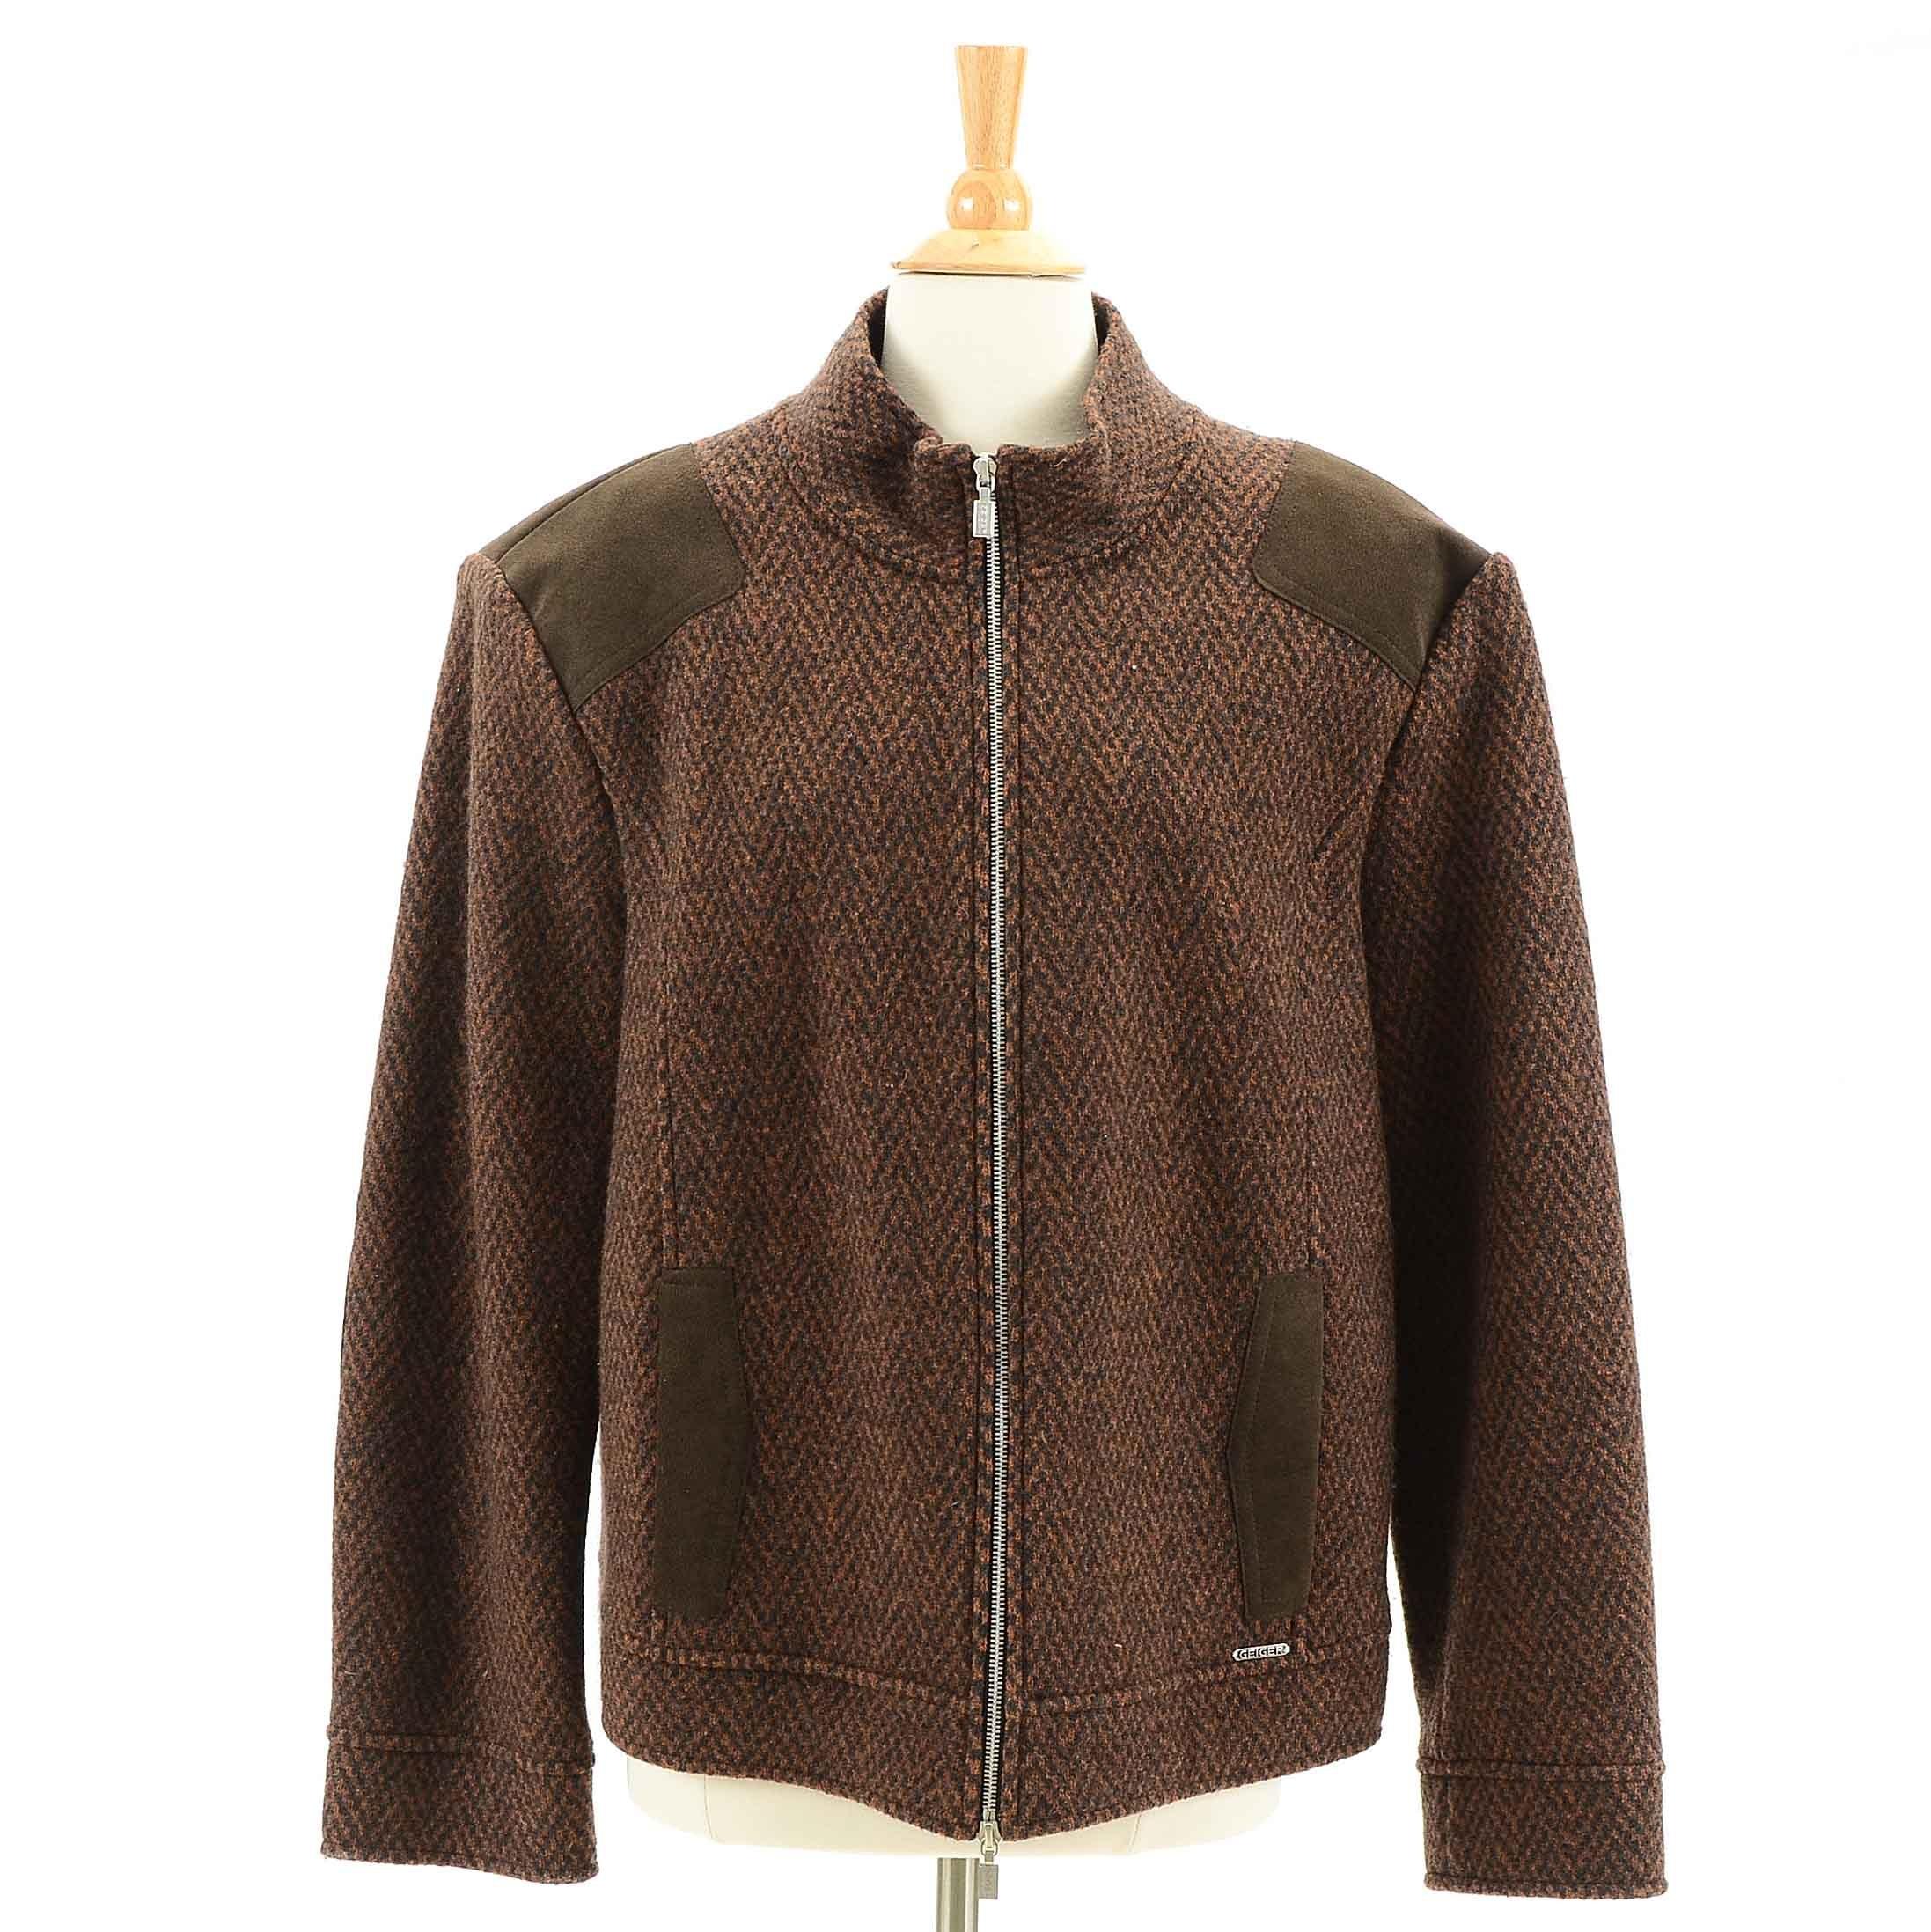 Men's Geiger Brown and Black Herringbone Jacket